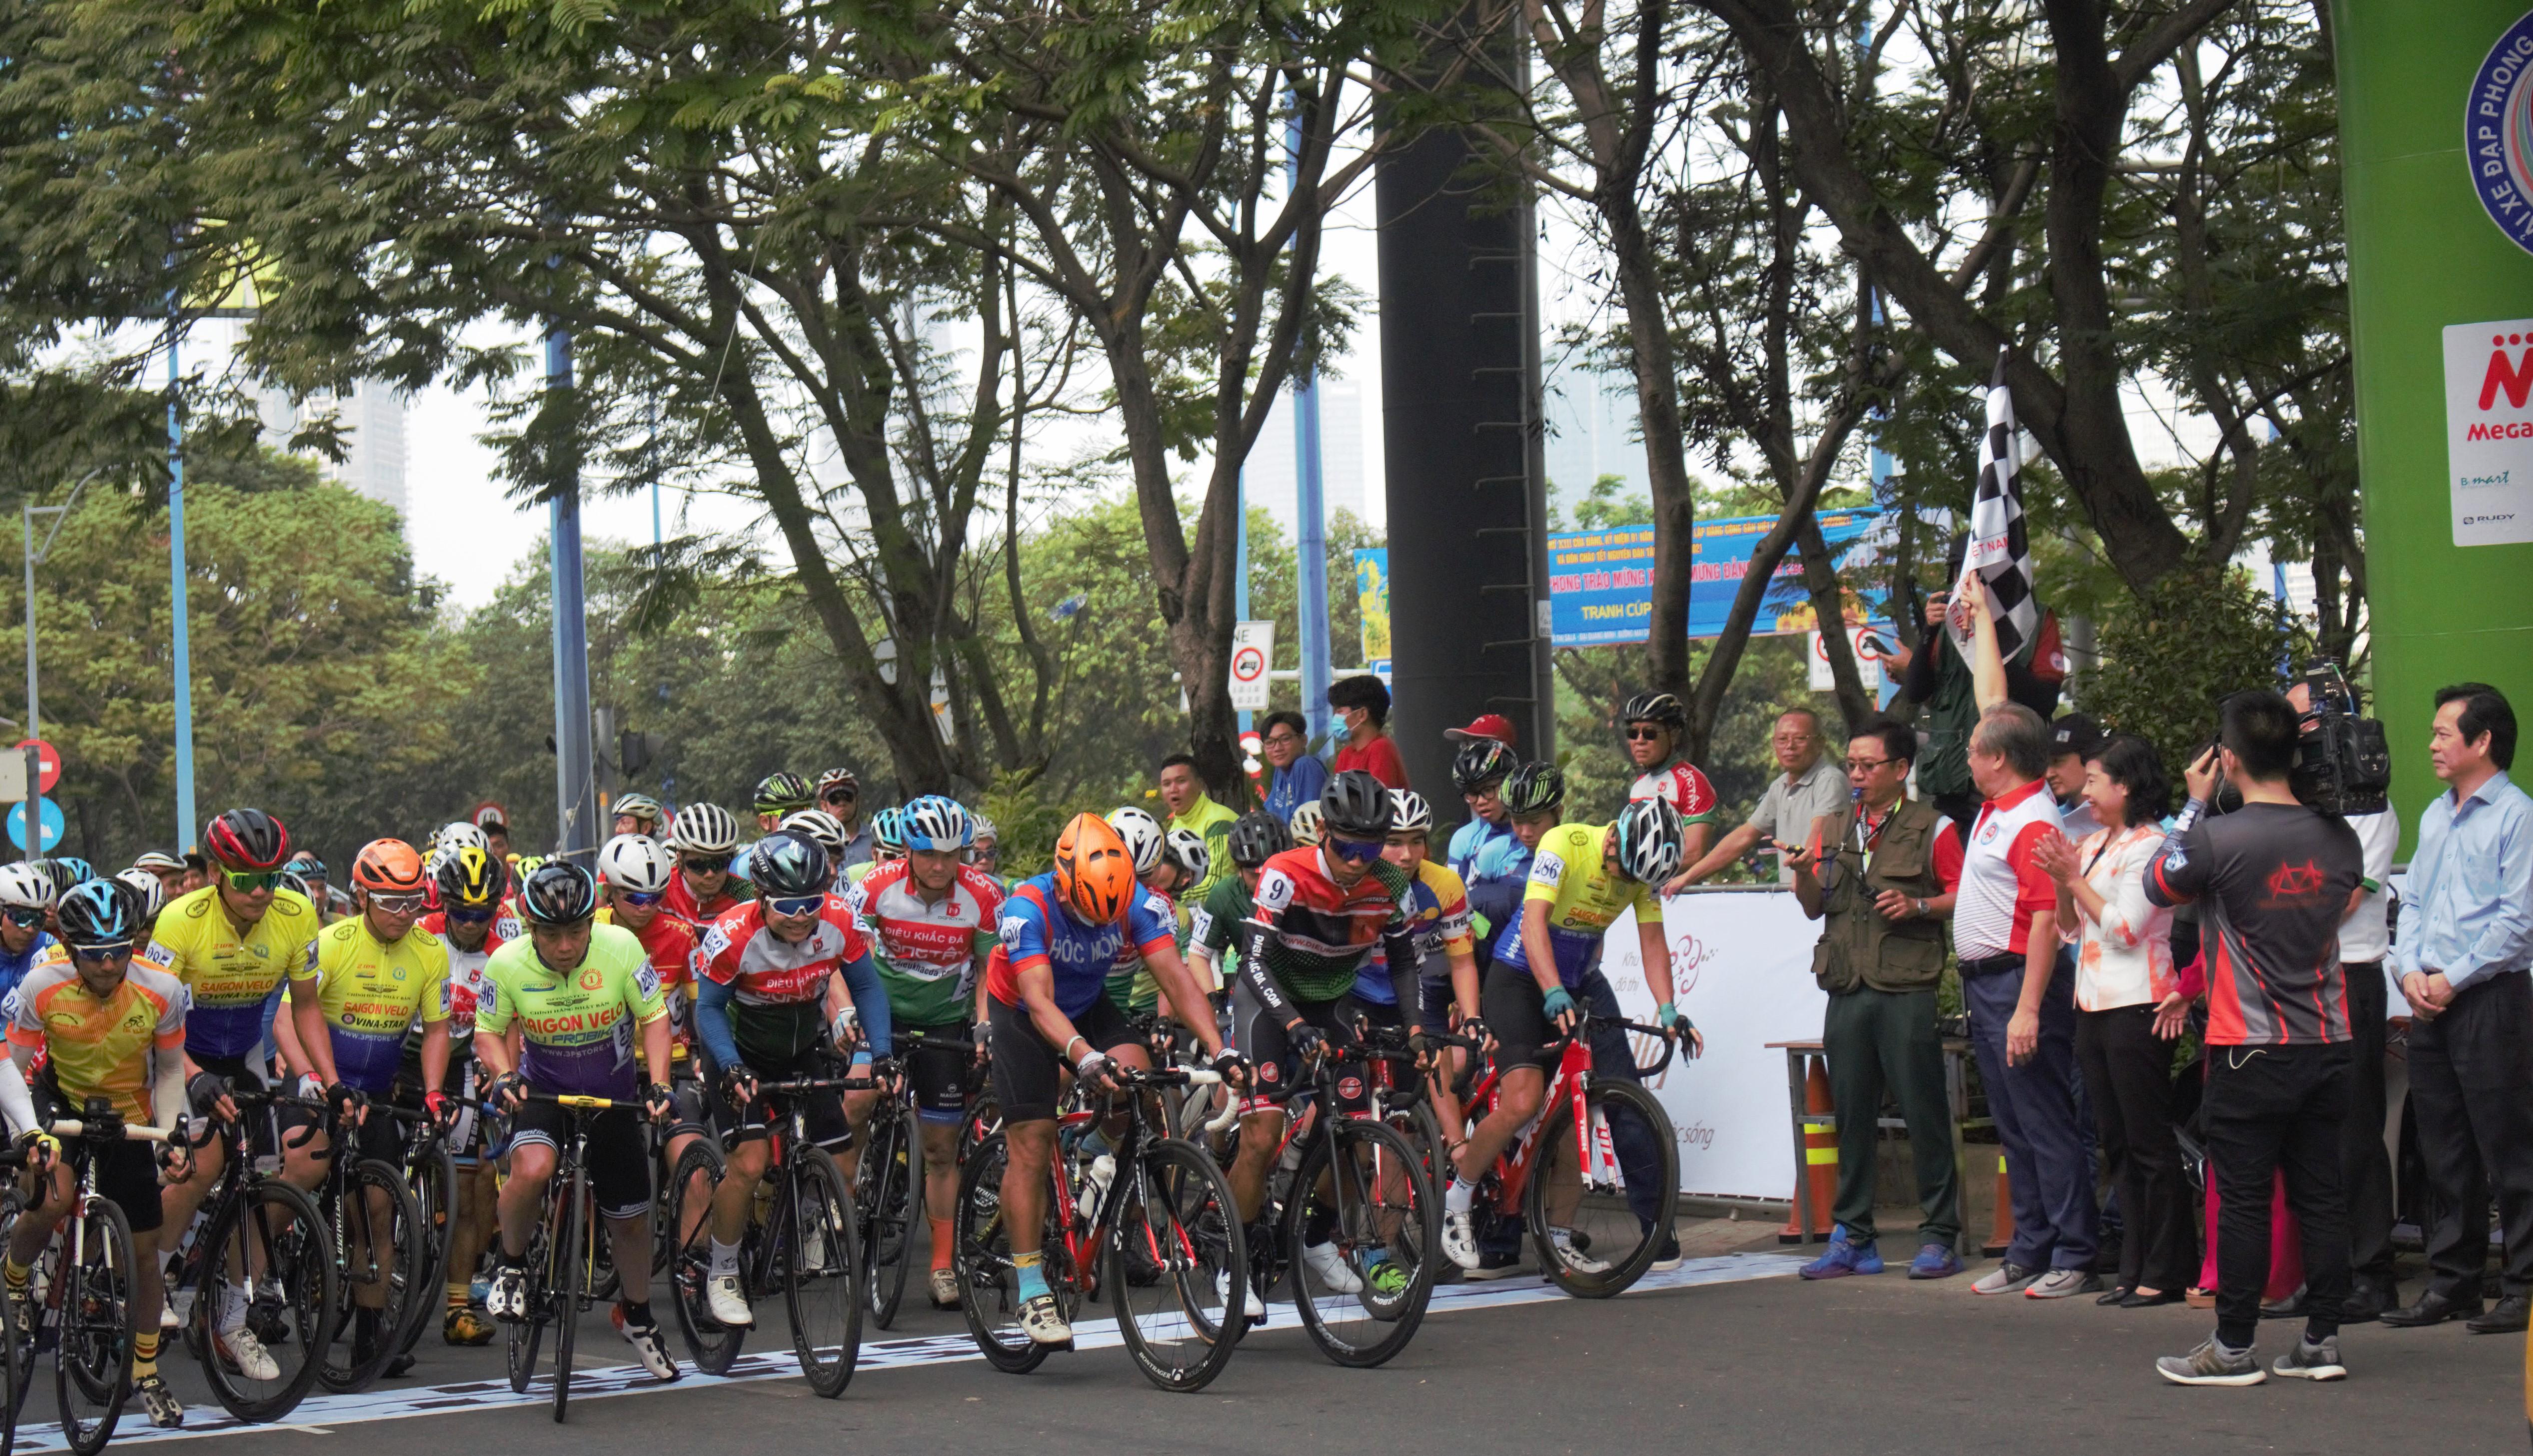 Hình ảnh: Sôi nổi giải xe đạp phong trào mừng Đảng - mừng Xuân Tân Sửu 2021 số 2